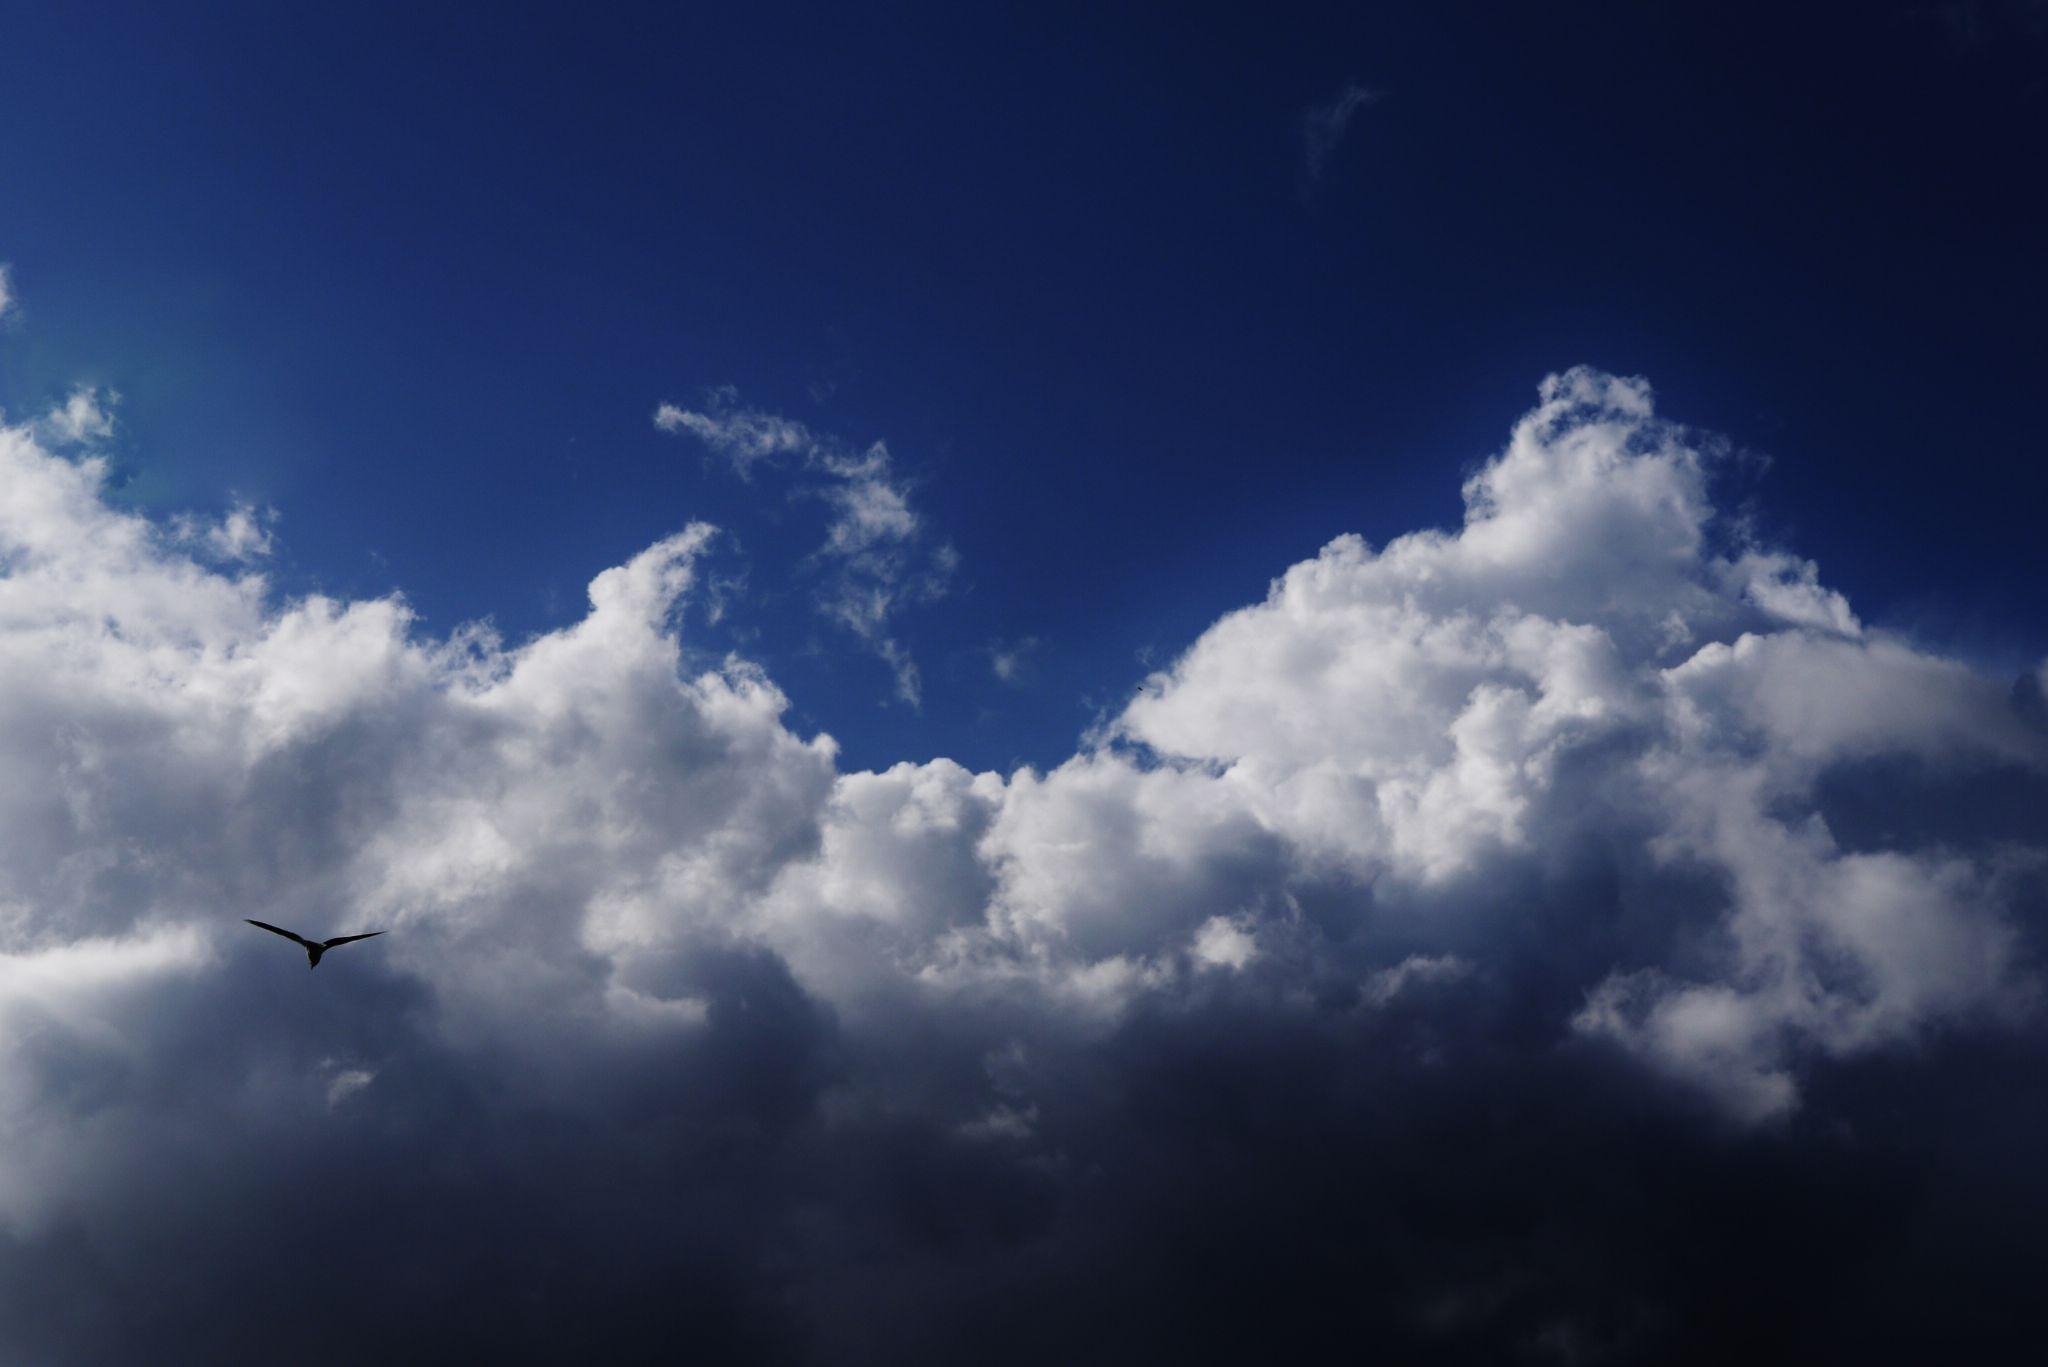 Sky by David Brand